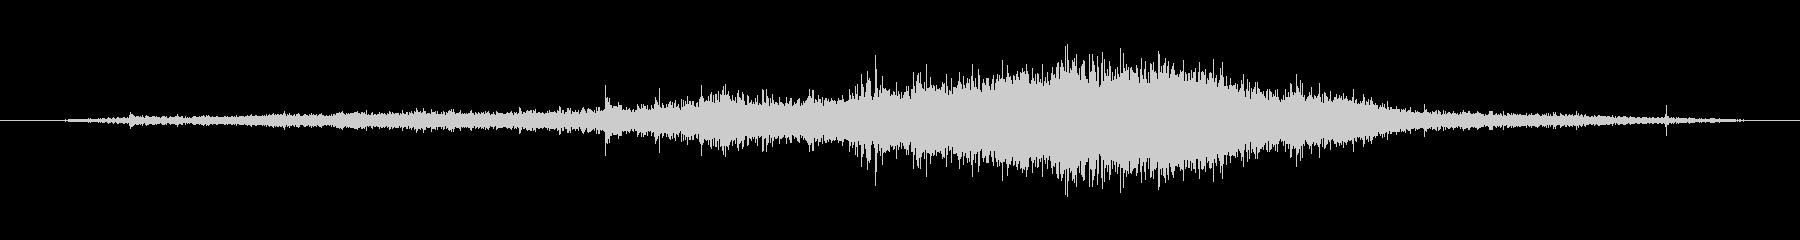 ジープパスイントゥザウォーターの未再生の波形